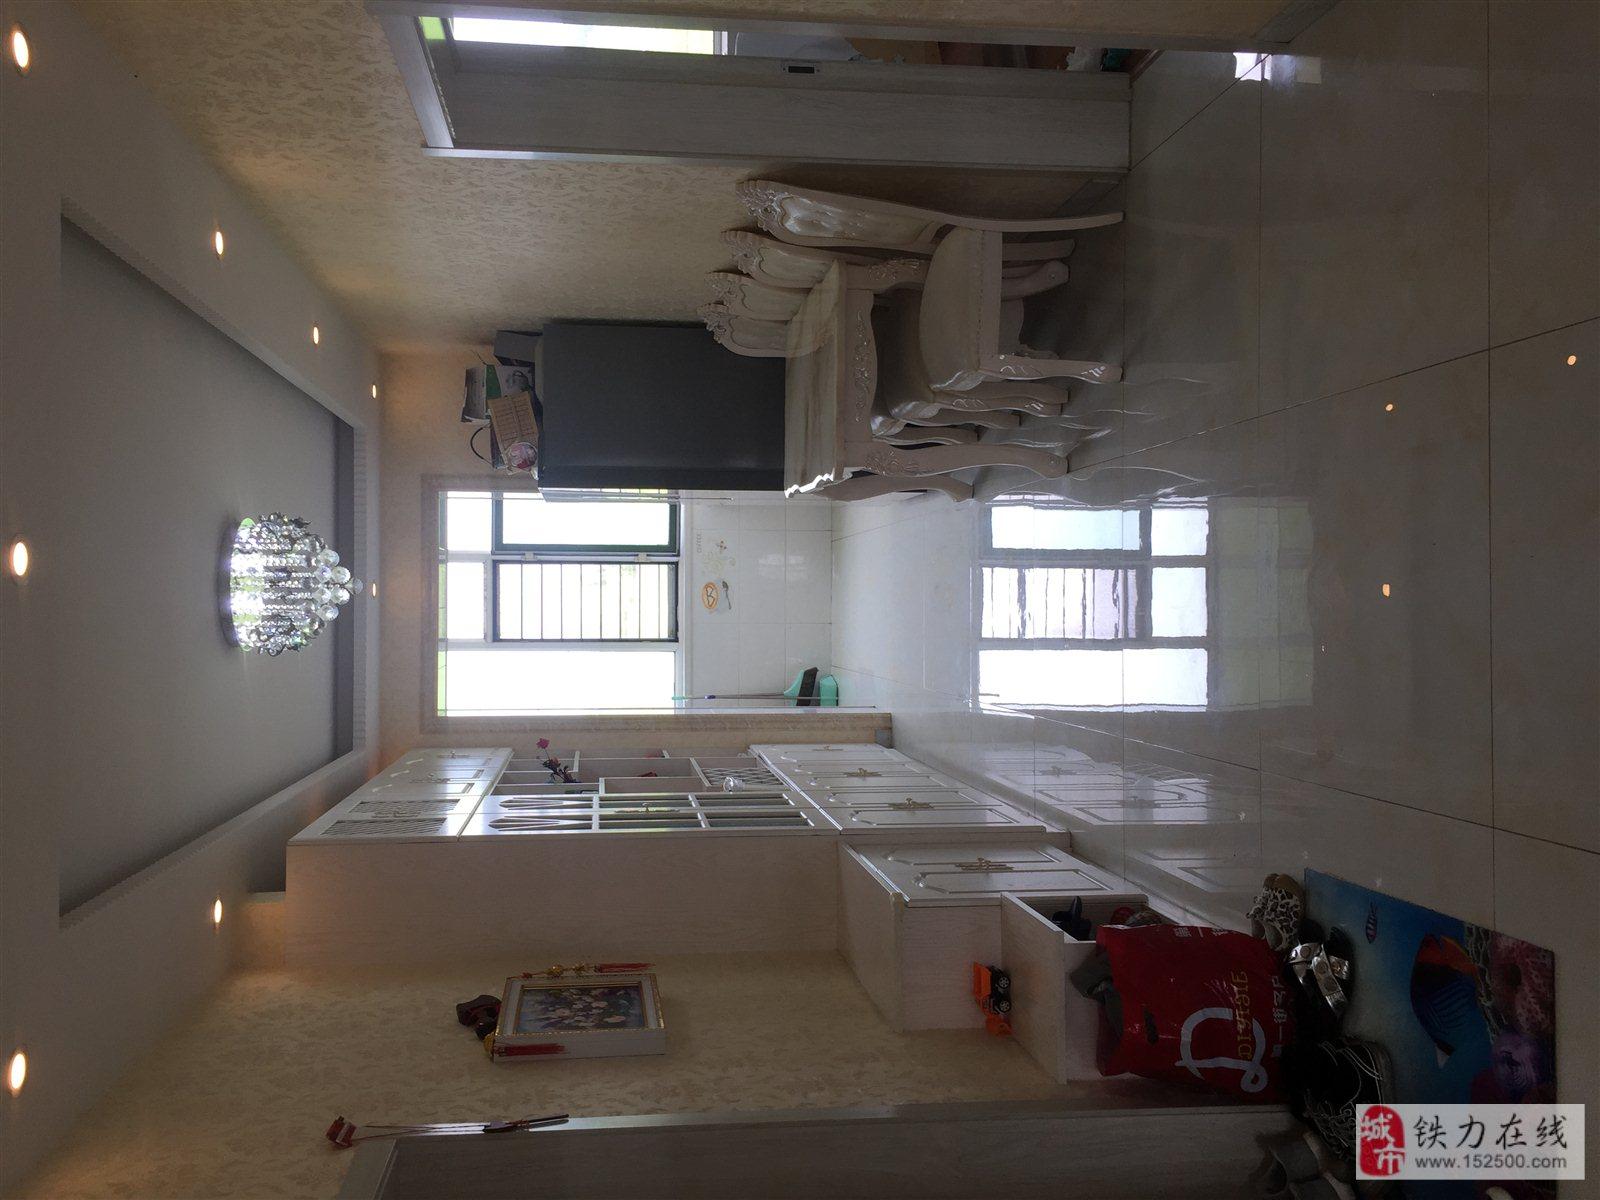 丰润国际2室 1厅 1卫24万元